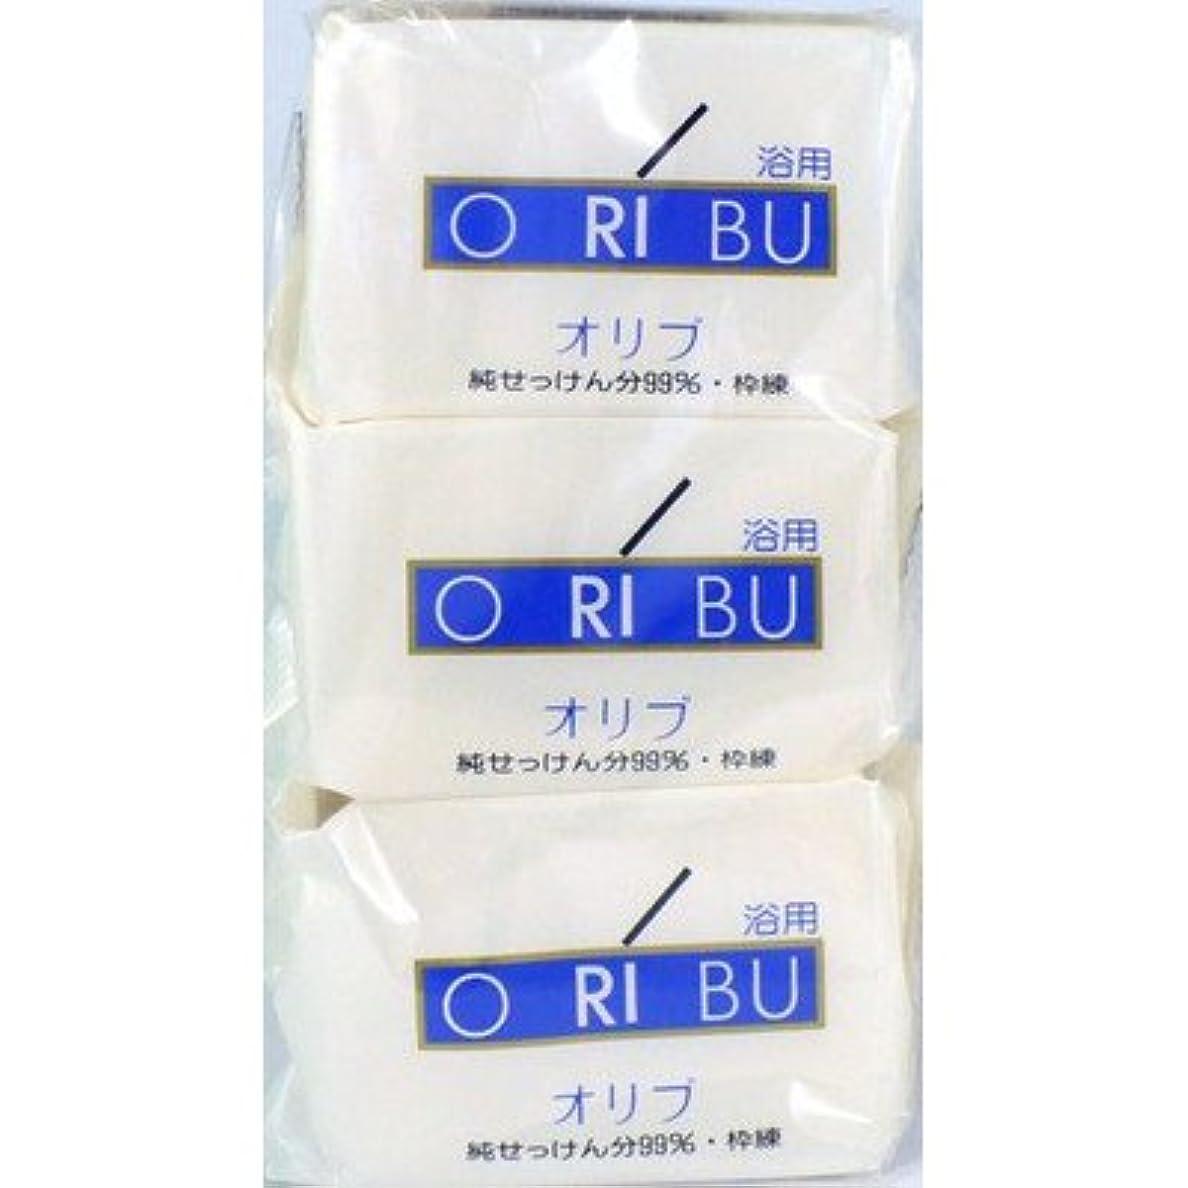 不快壁トイレ暁石鹸 ORIBU オリブ 浴用石鹸 110g 3個入り